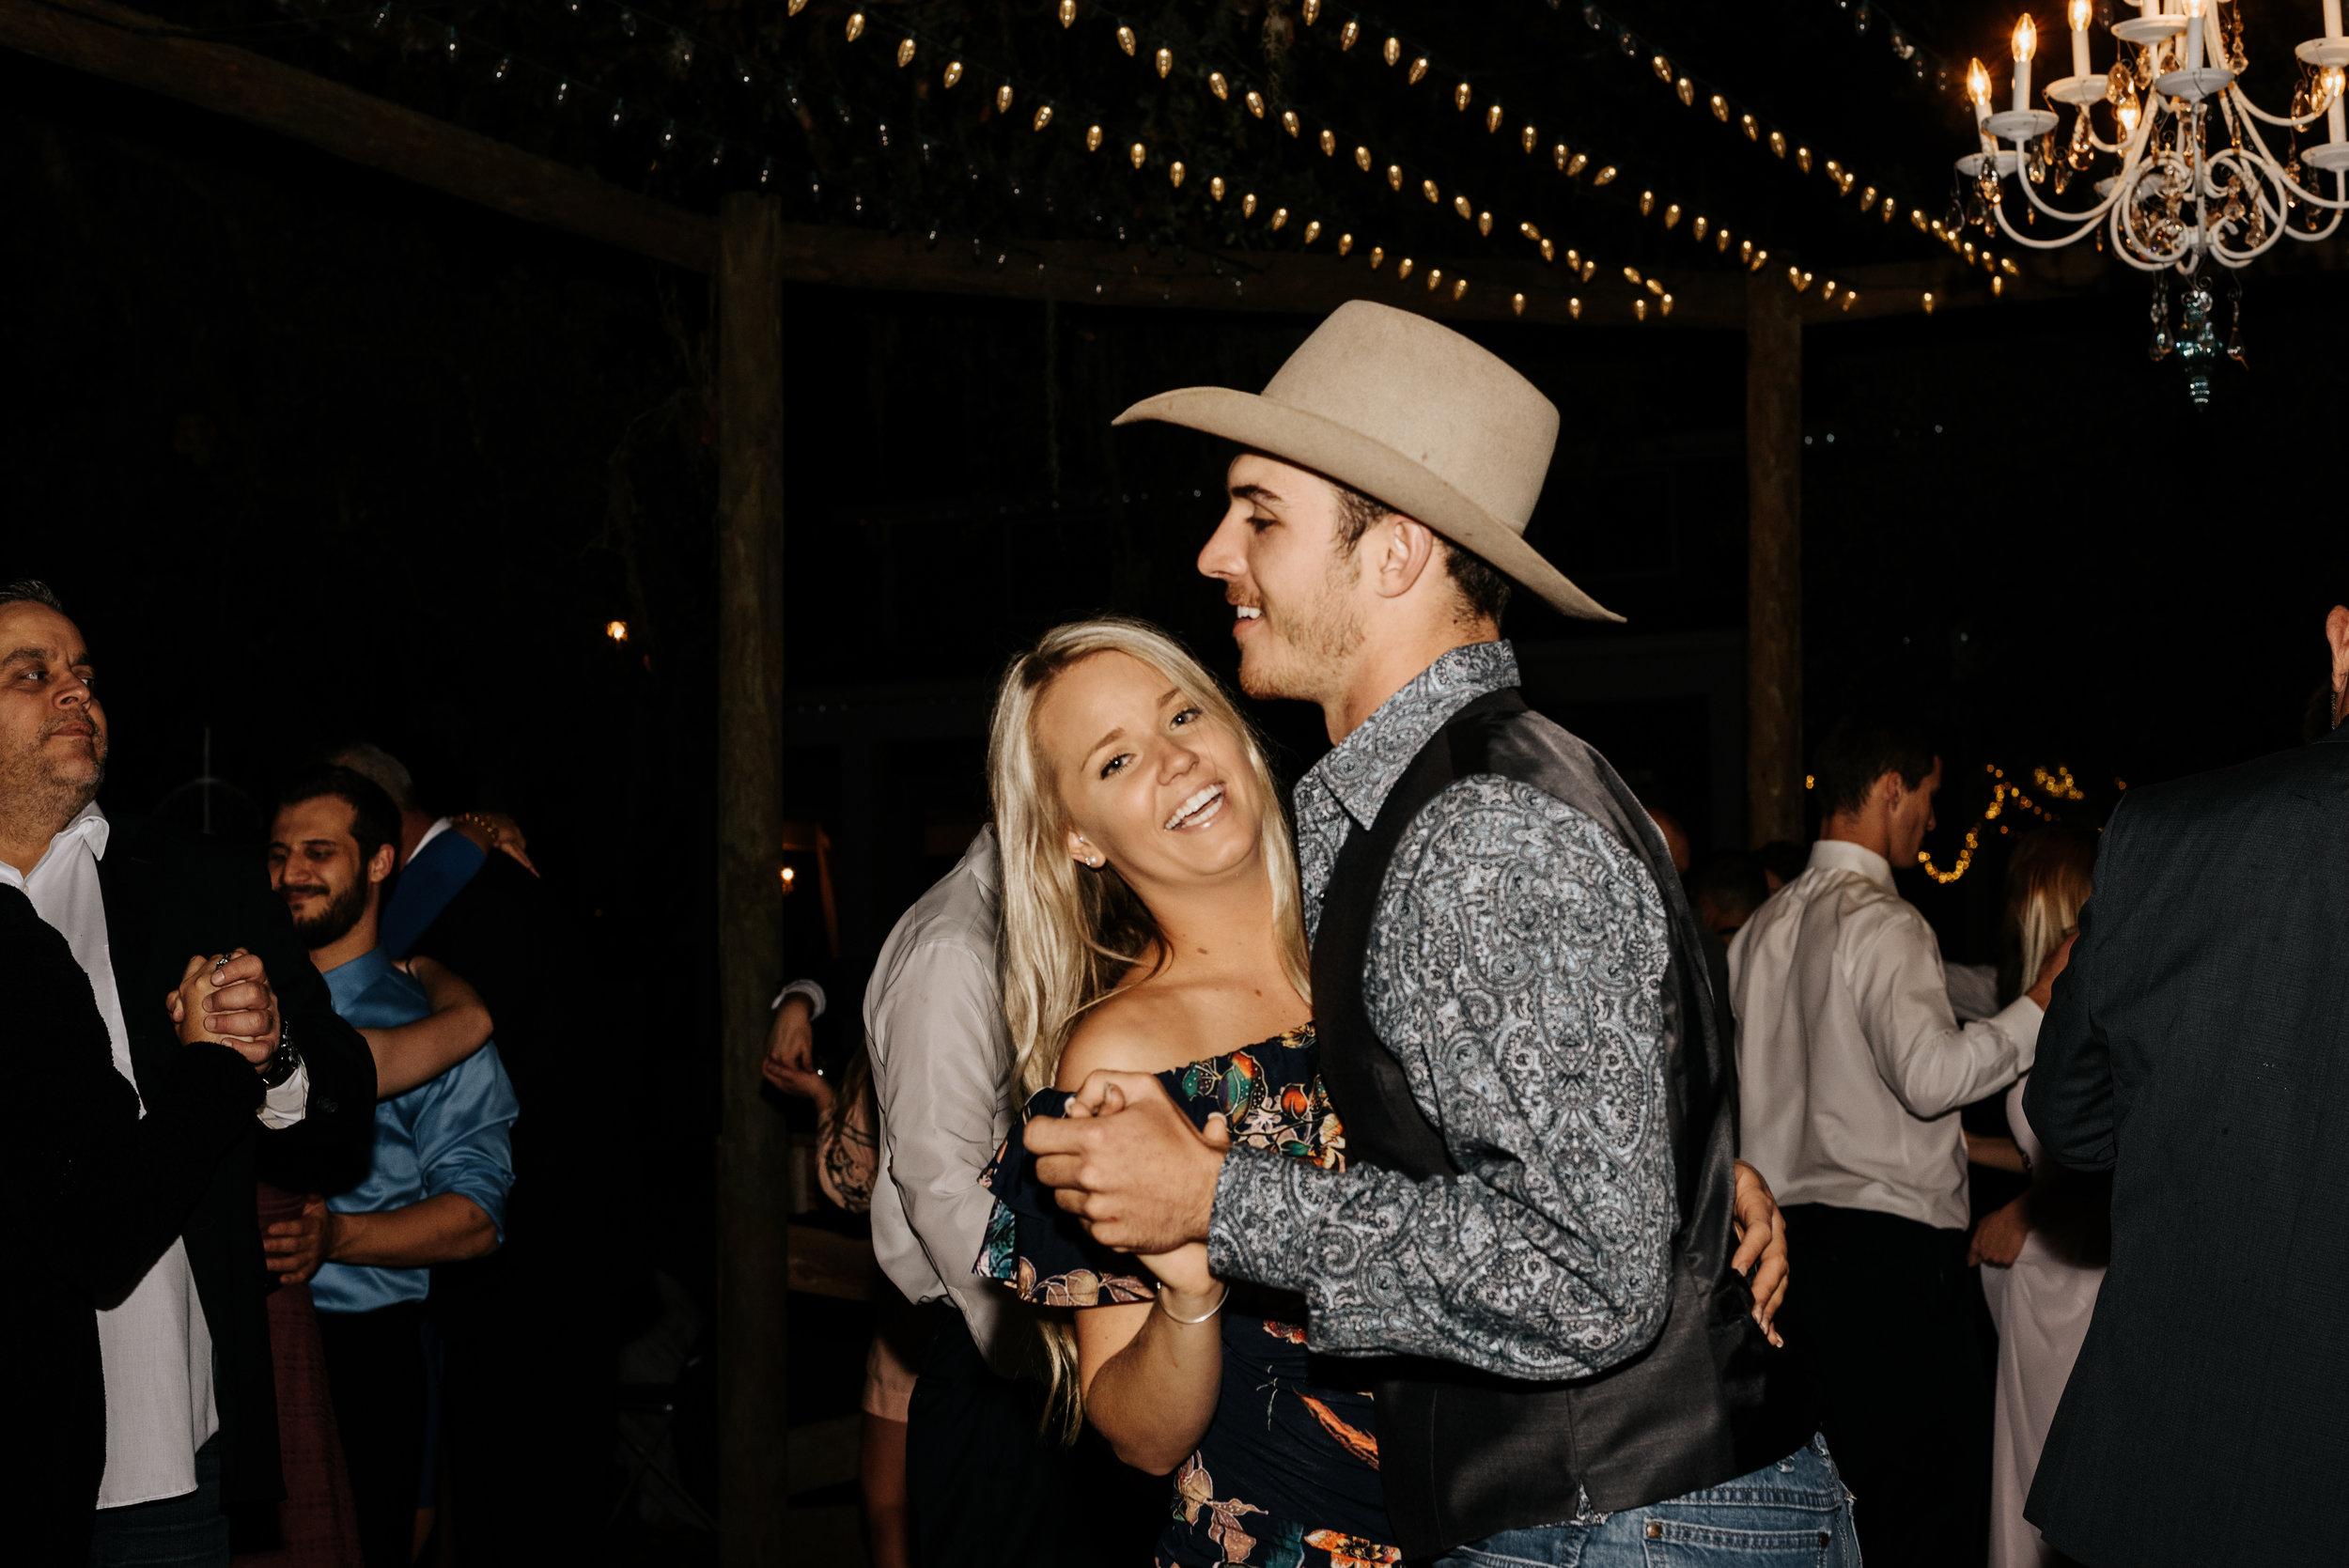 Carolyn-Wes-Wedding-2292.jpg